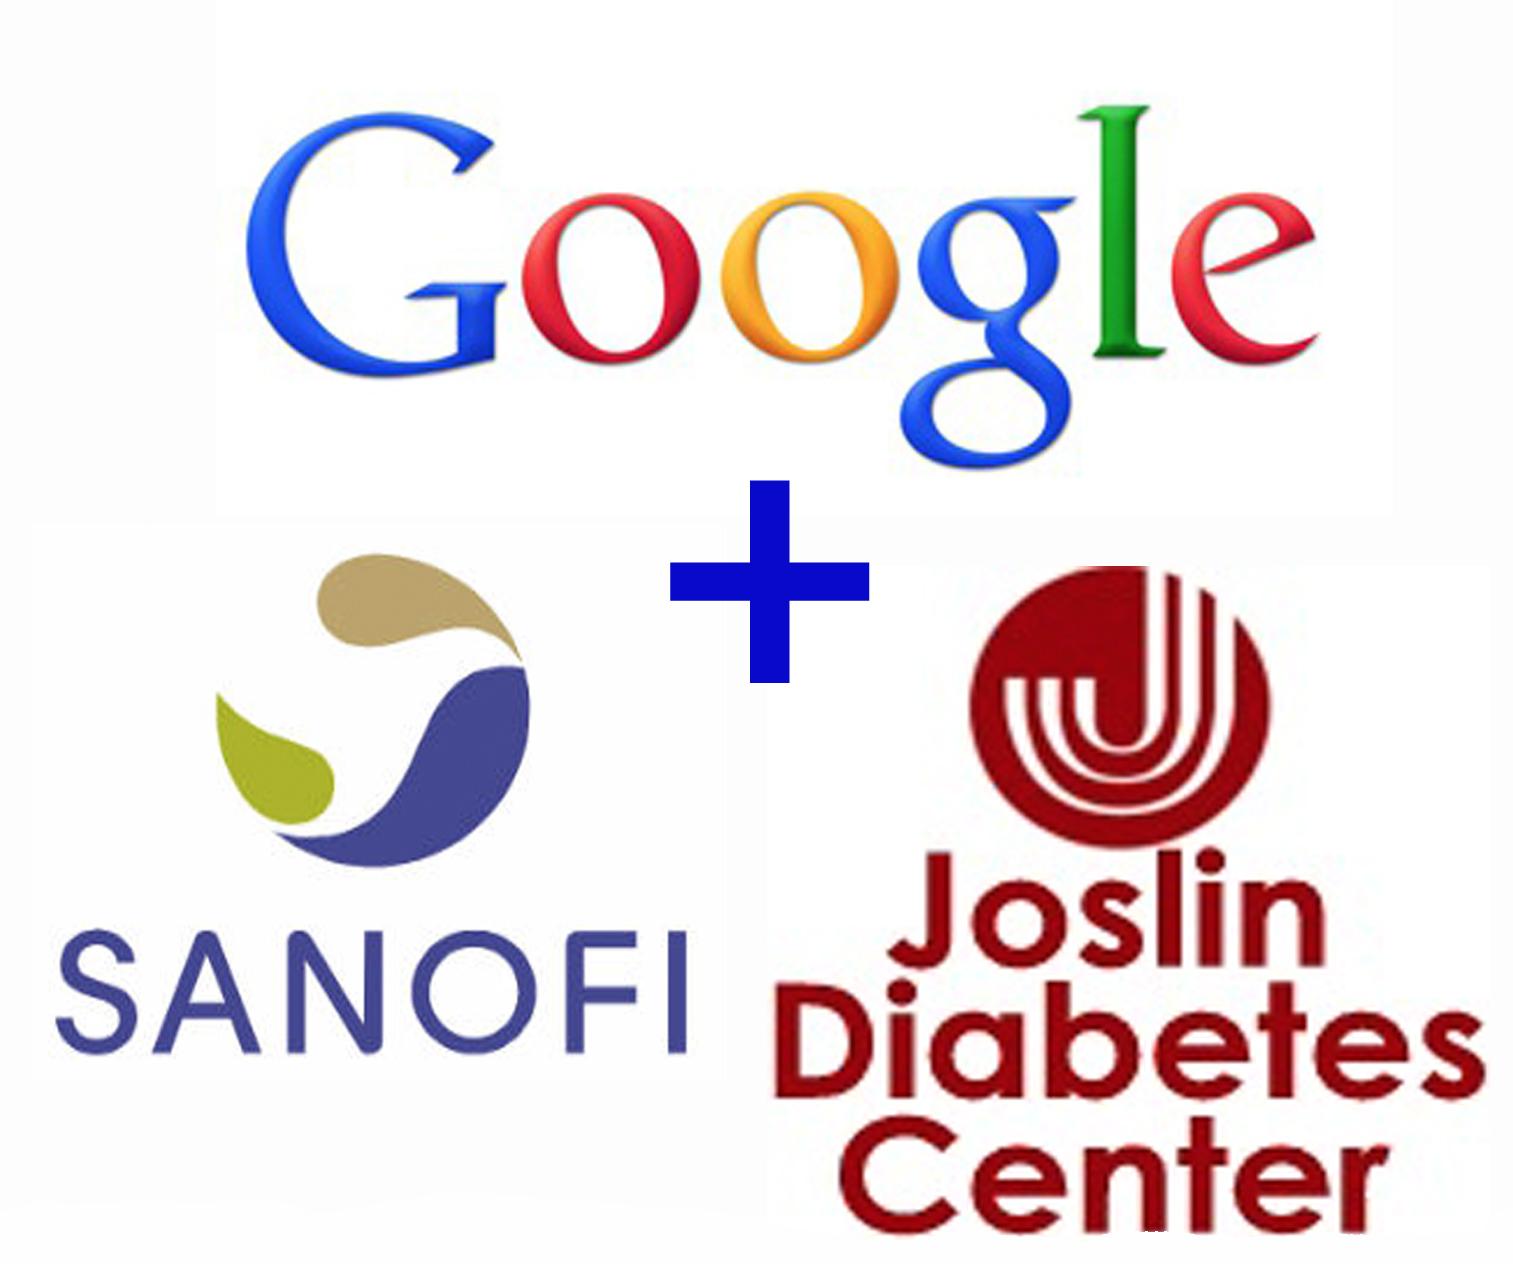 Google Sanofi Joslin